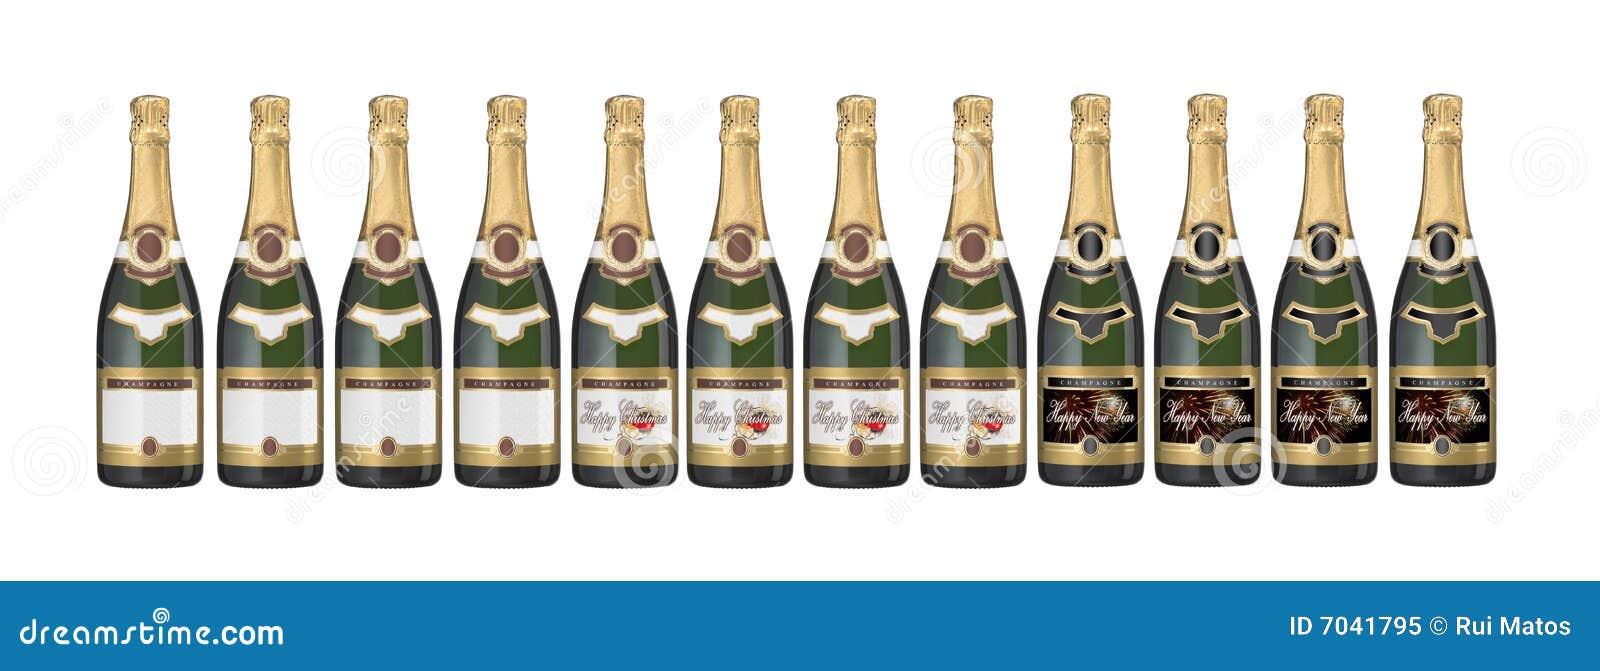 Champagne-Flaschen mit einigen Kennsätzen